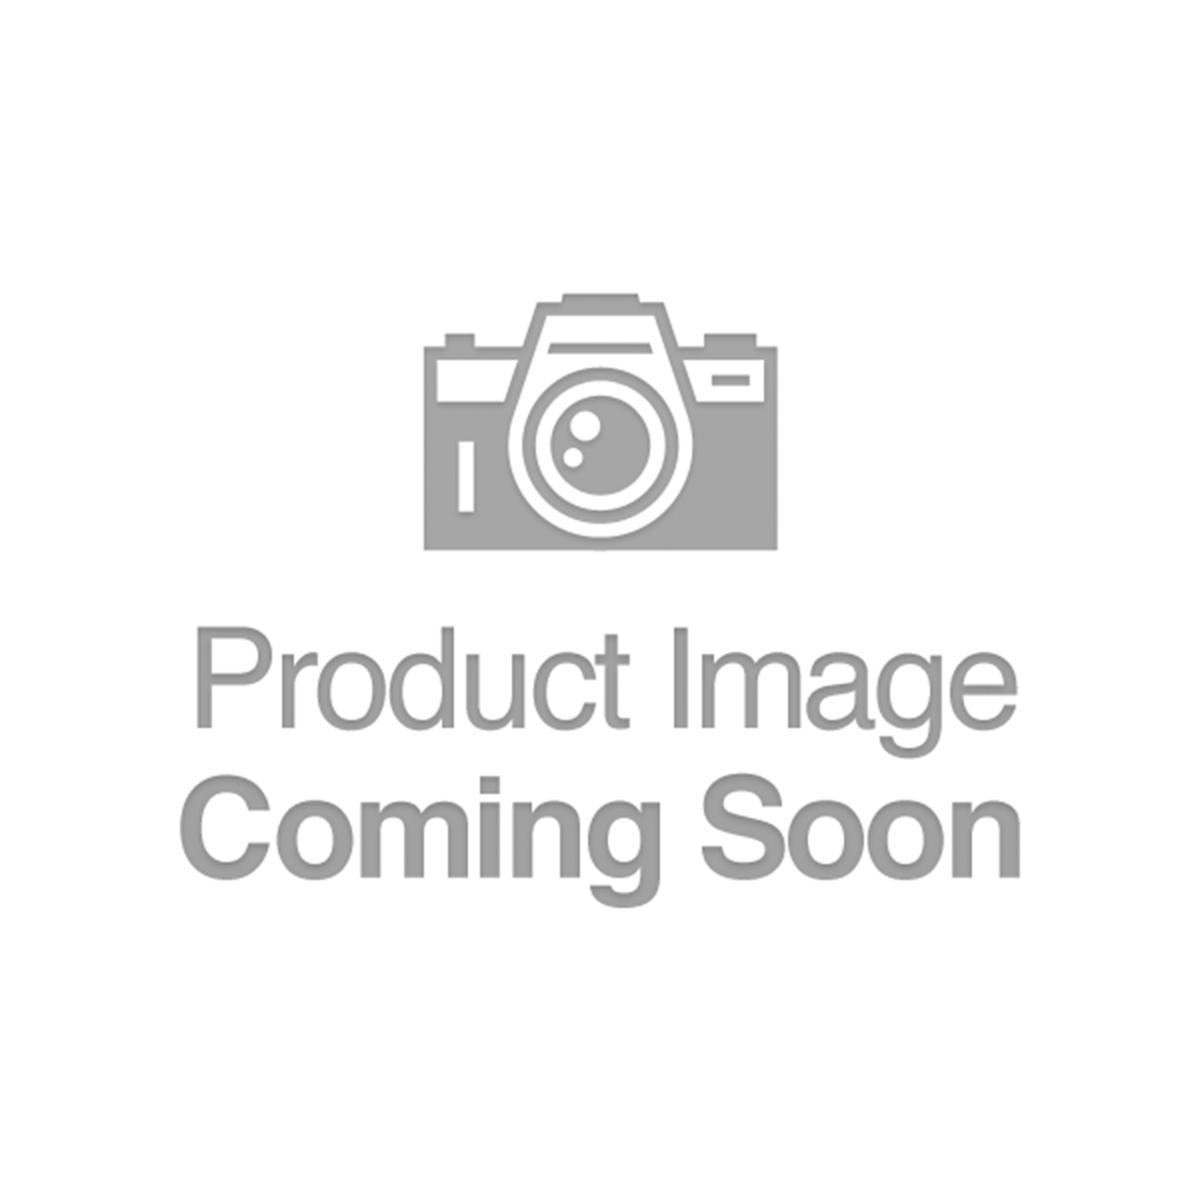 Flagstaff - Arizona - CH 11120 - FR 606 - PMG 15